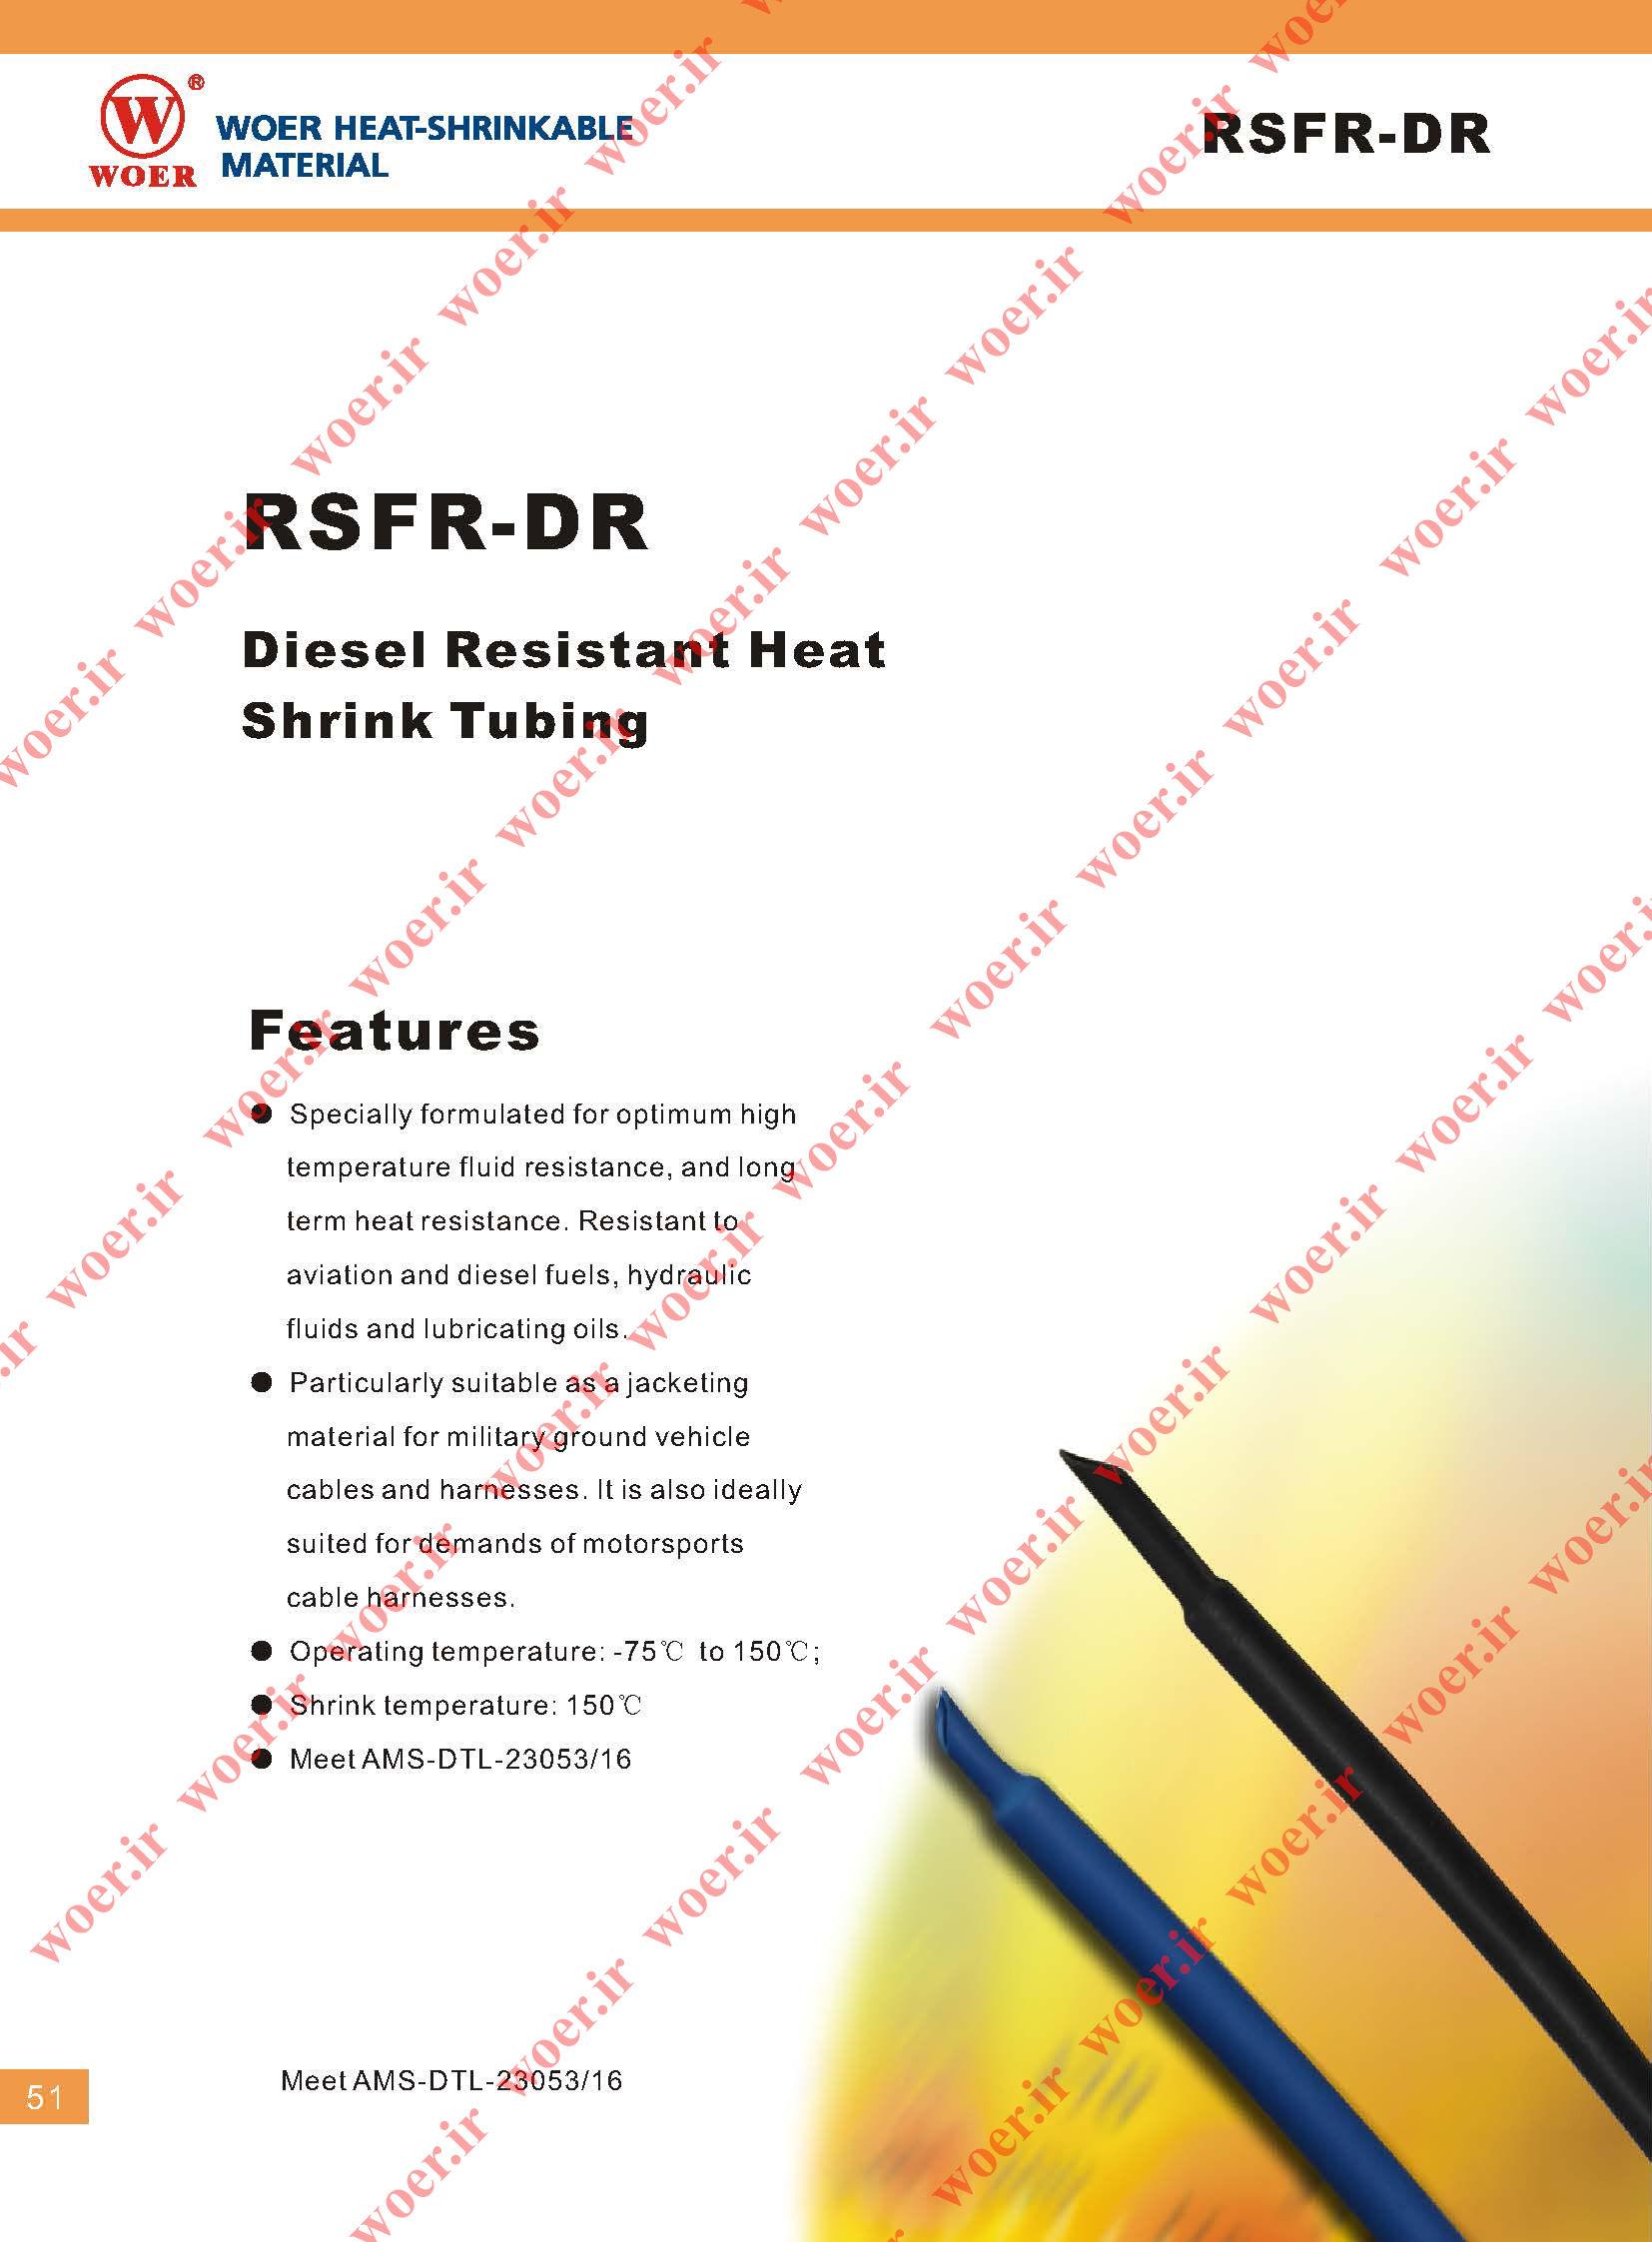 روکش حرارتی ضد دیزل و روغن با تحمل حرارتی ۱۵۰ درجه سانتیگراد -عکس